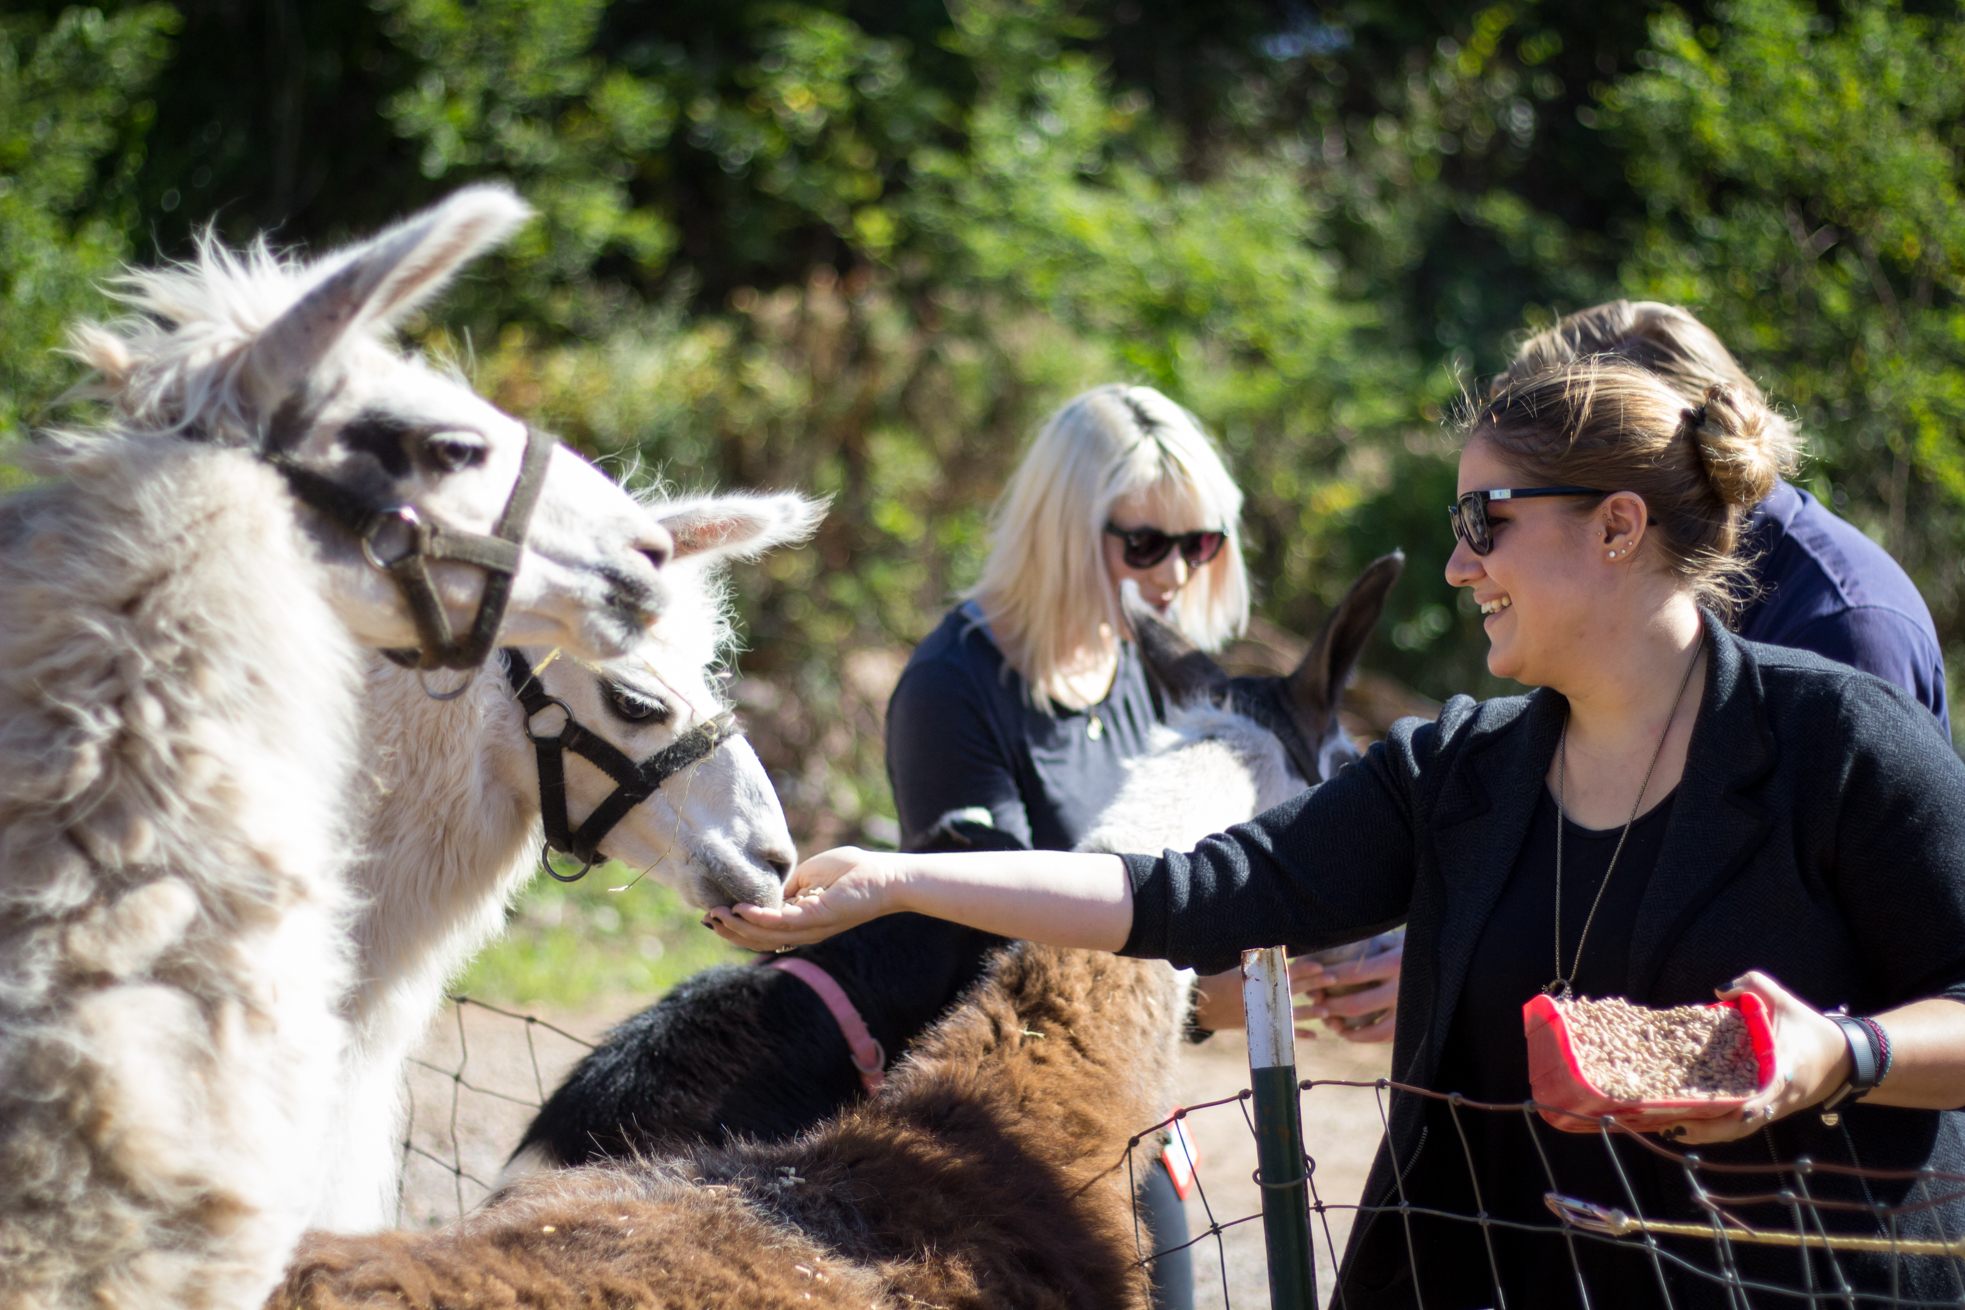 feeding llamas